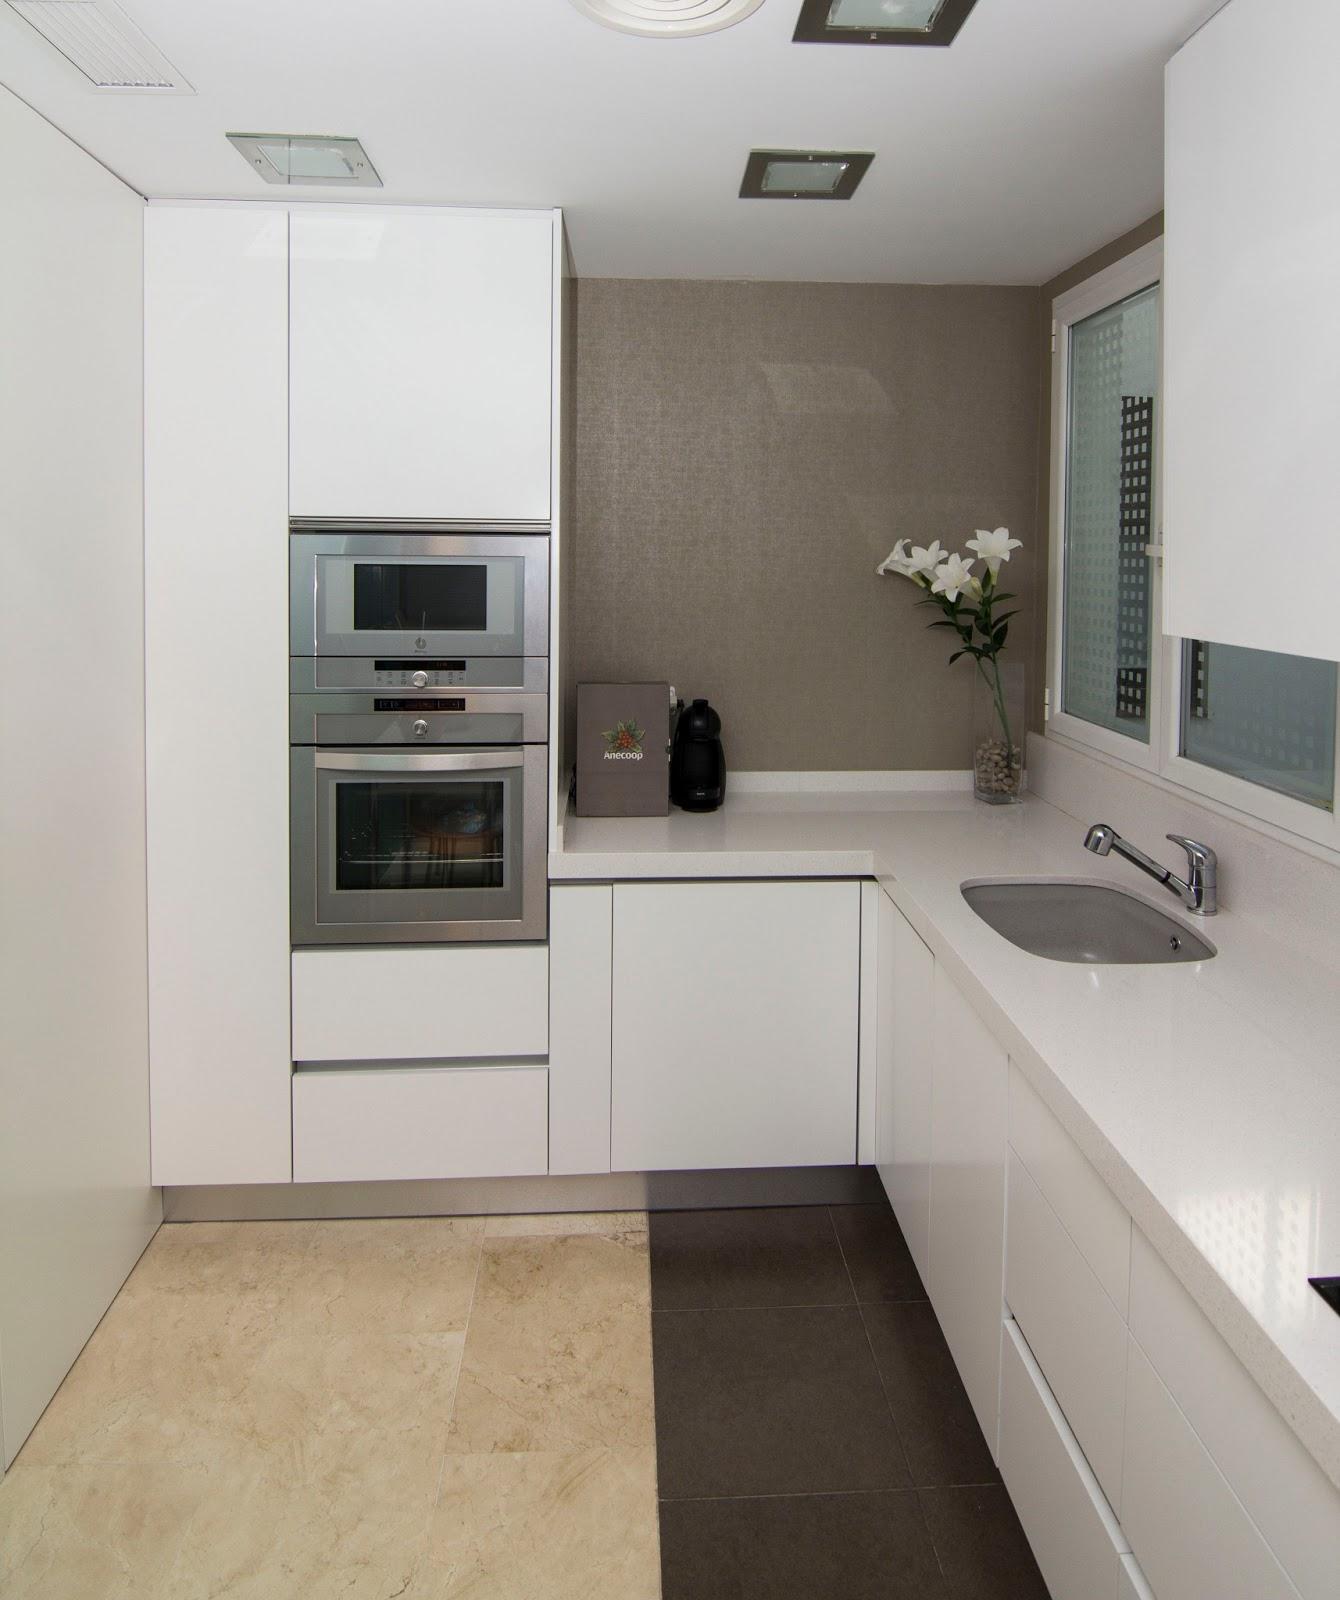 Nivel diez cocina abierta al sal n - Cocinas con electrodomesticos blancos ...